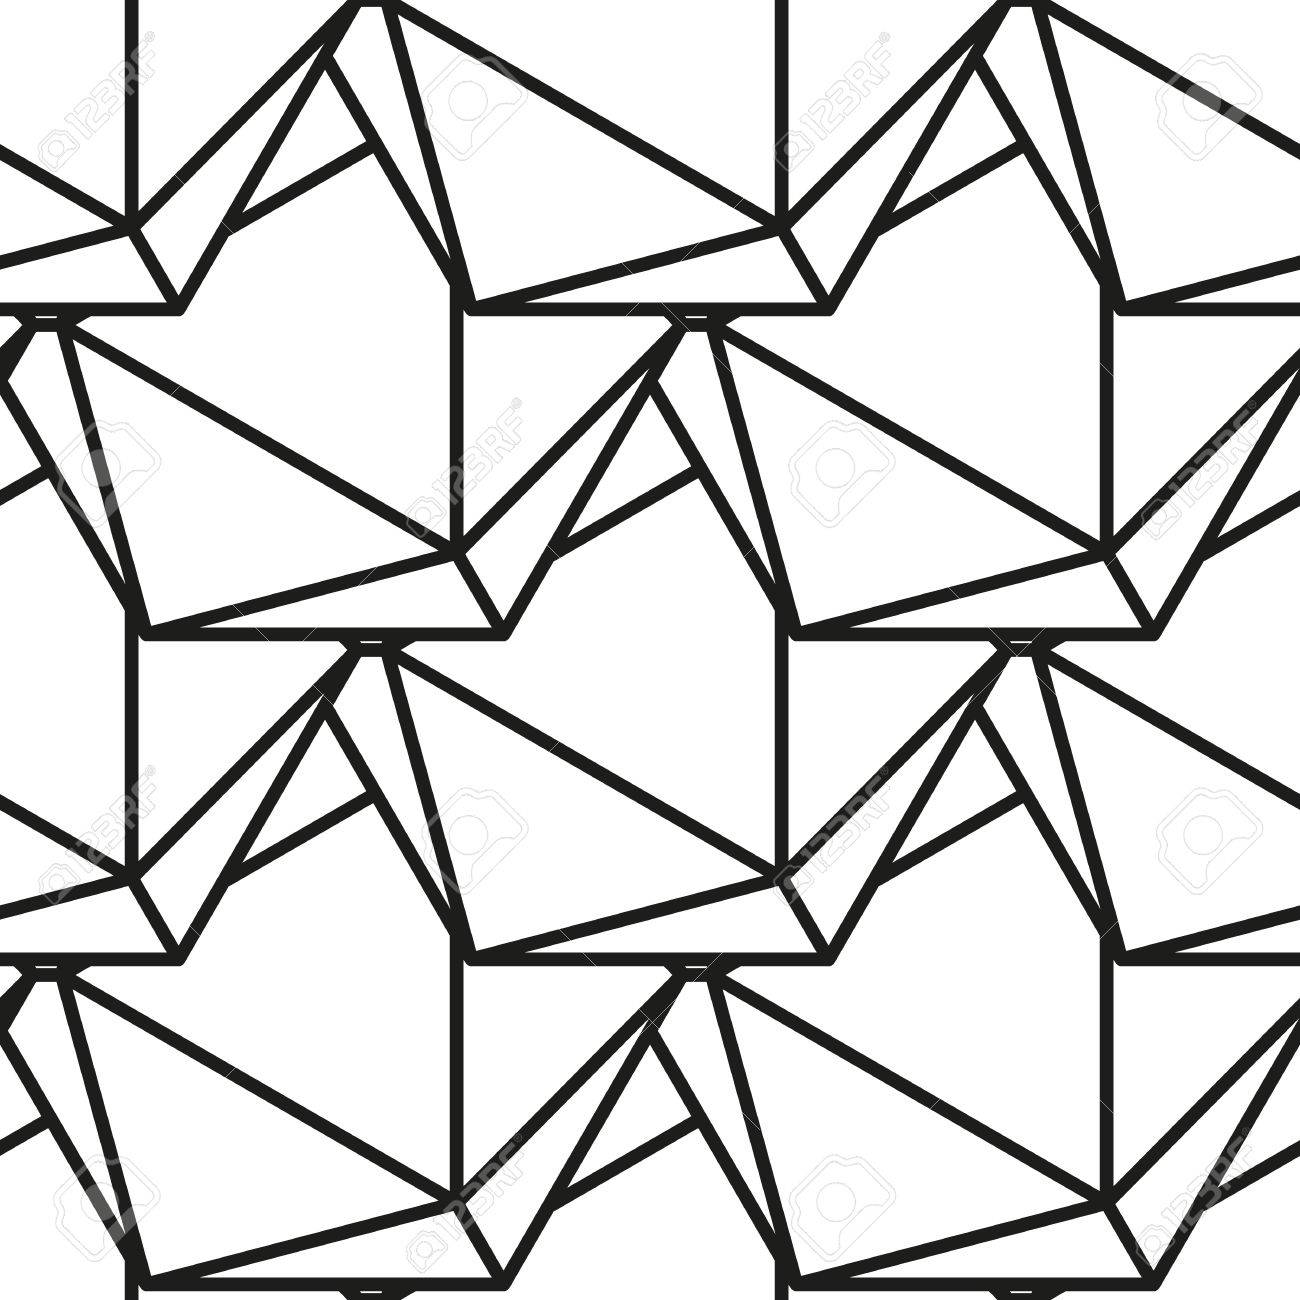 Patrón De Icosaedro, Sólidos Platónicos, Patrón Geométrico En Blanco ...